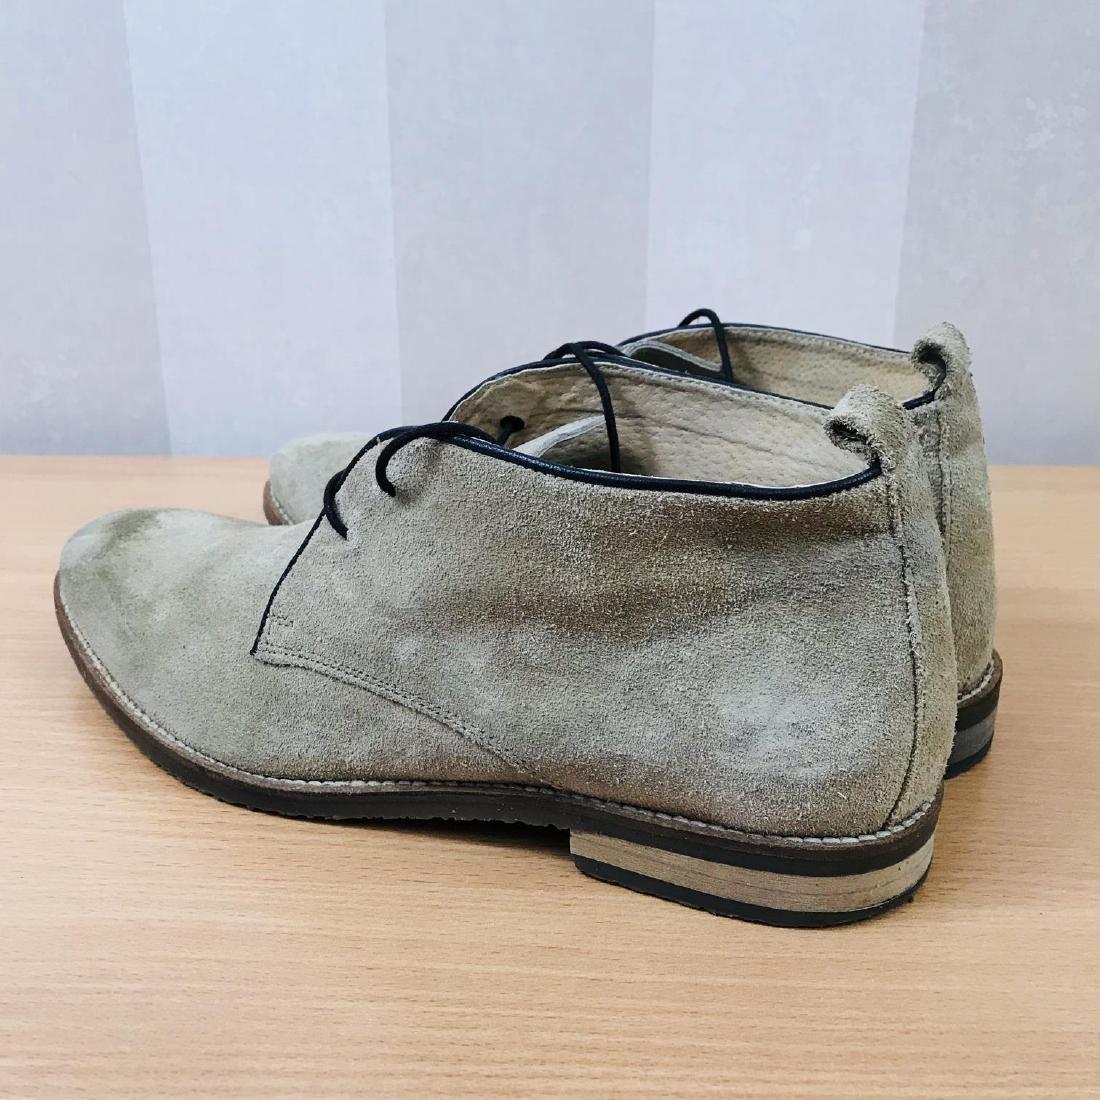 Vintage Men's Suede Leather Shoes Size EUR 44 US 11 - 4